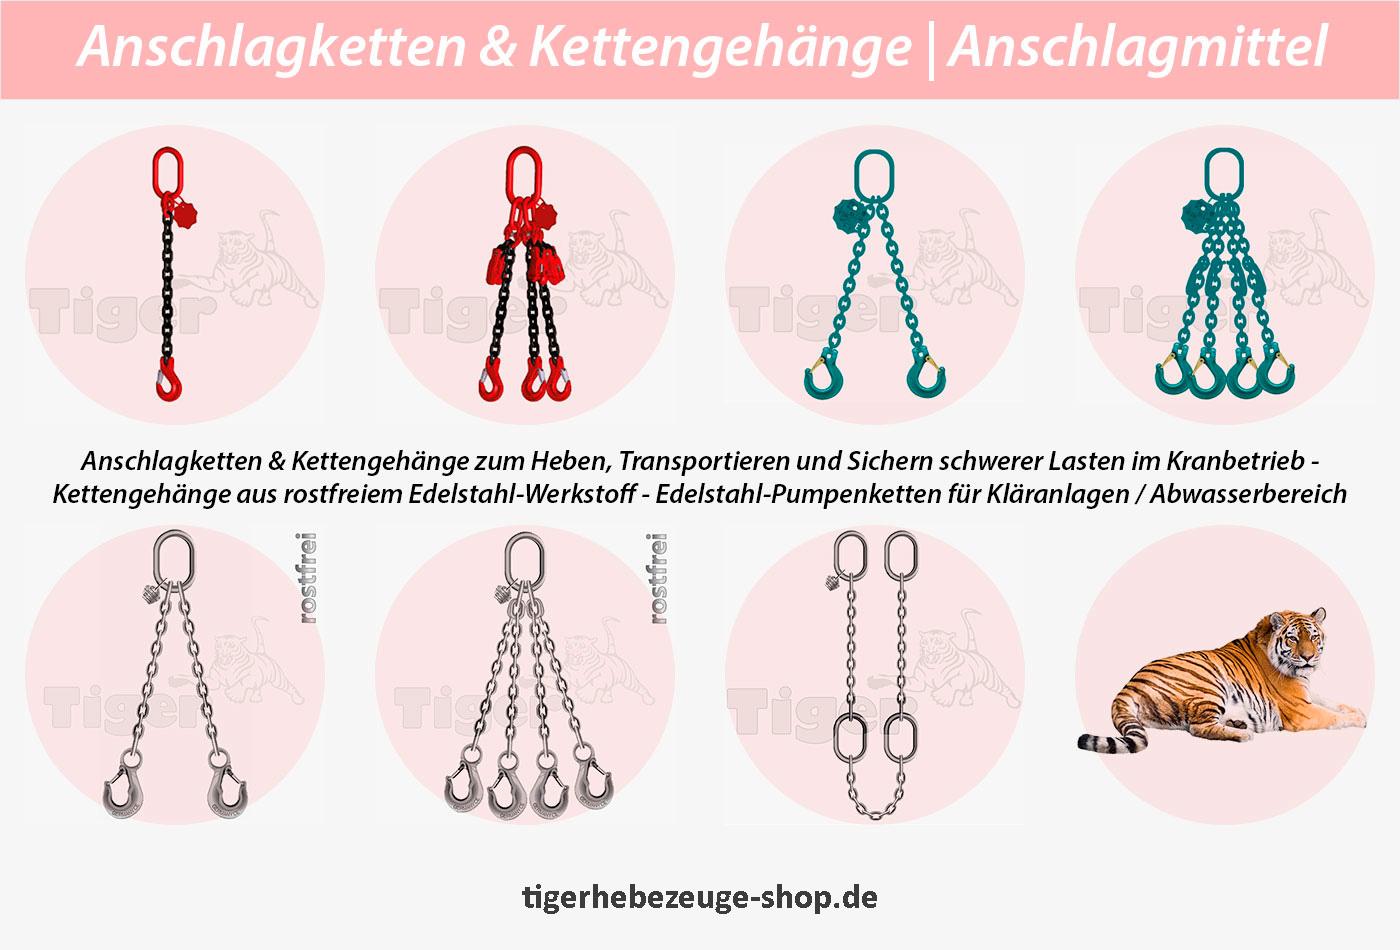 Anschlagketten Kettengehänge